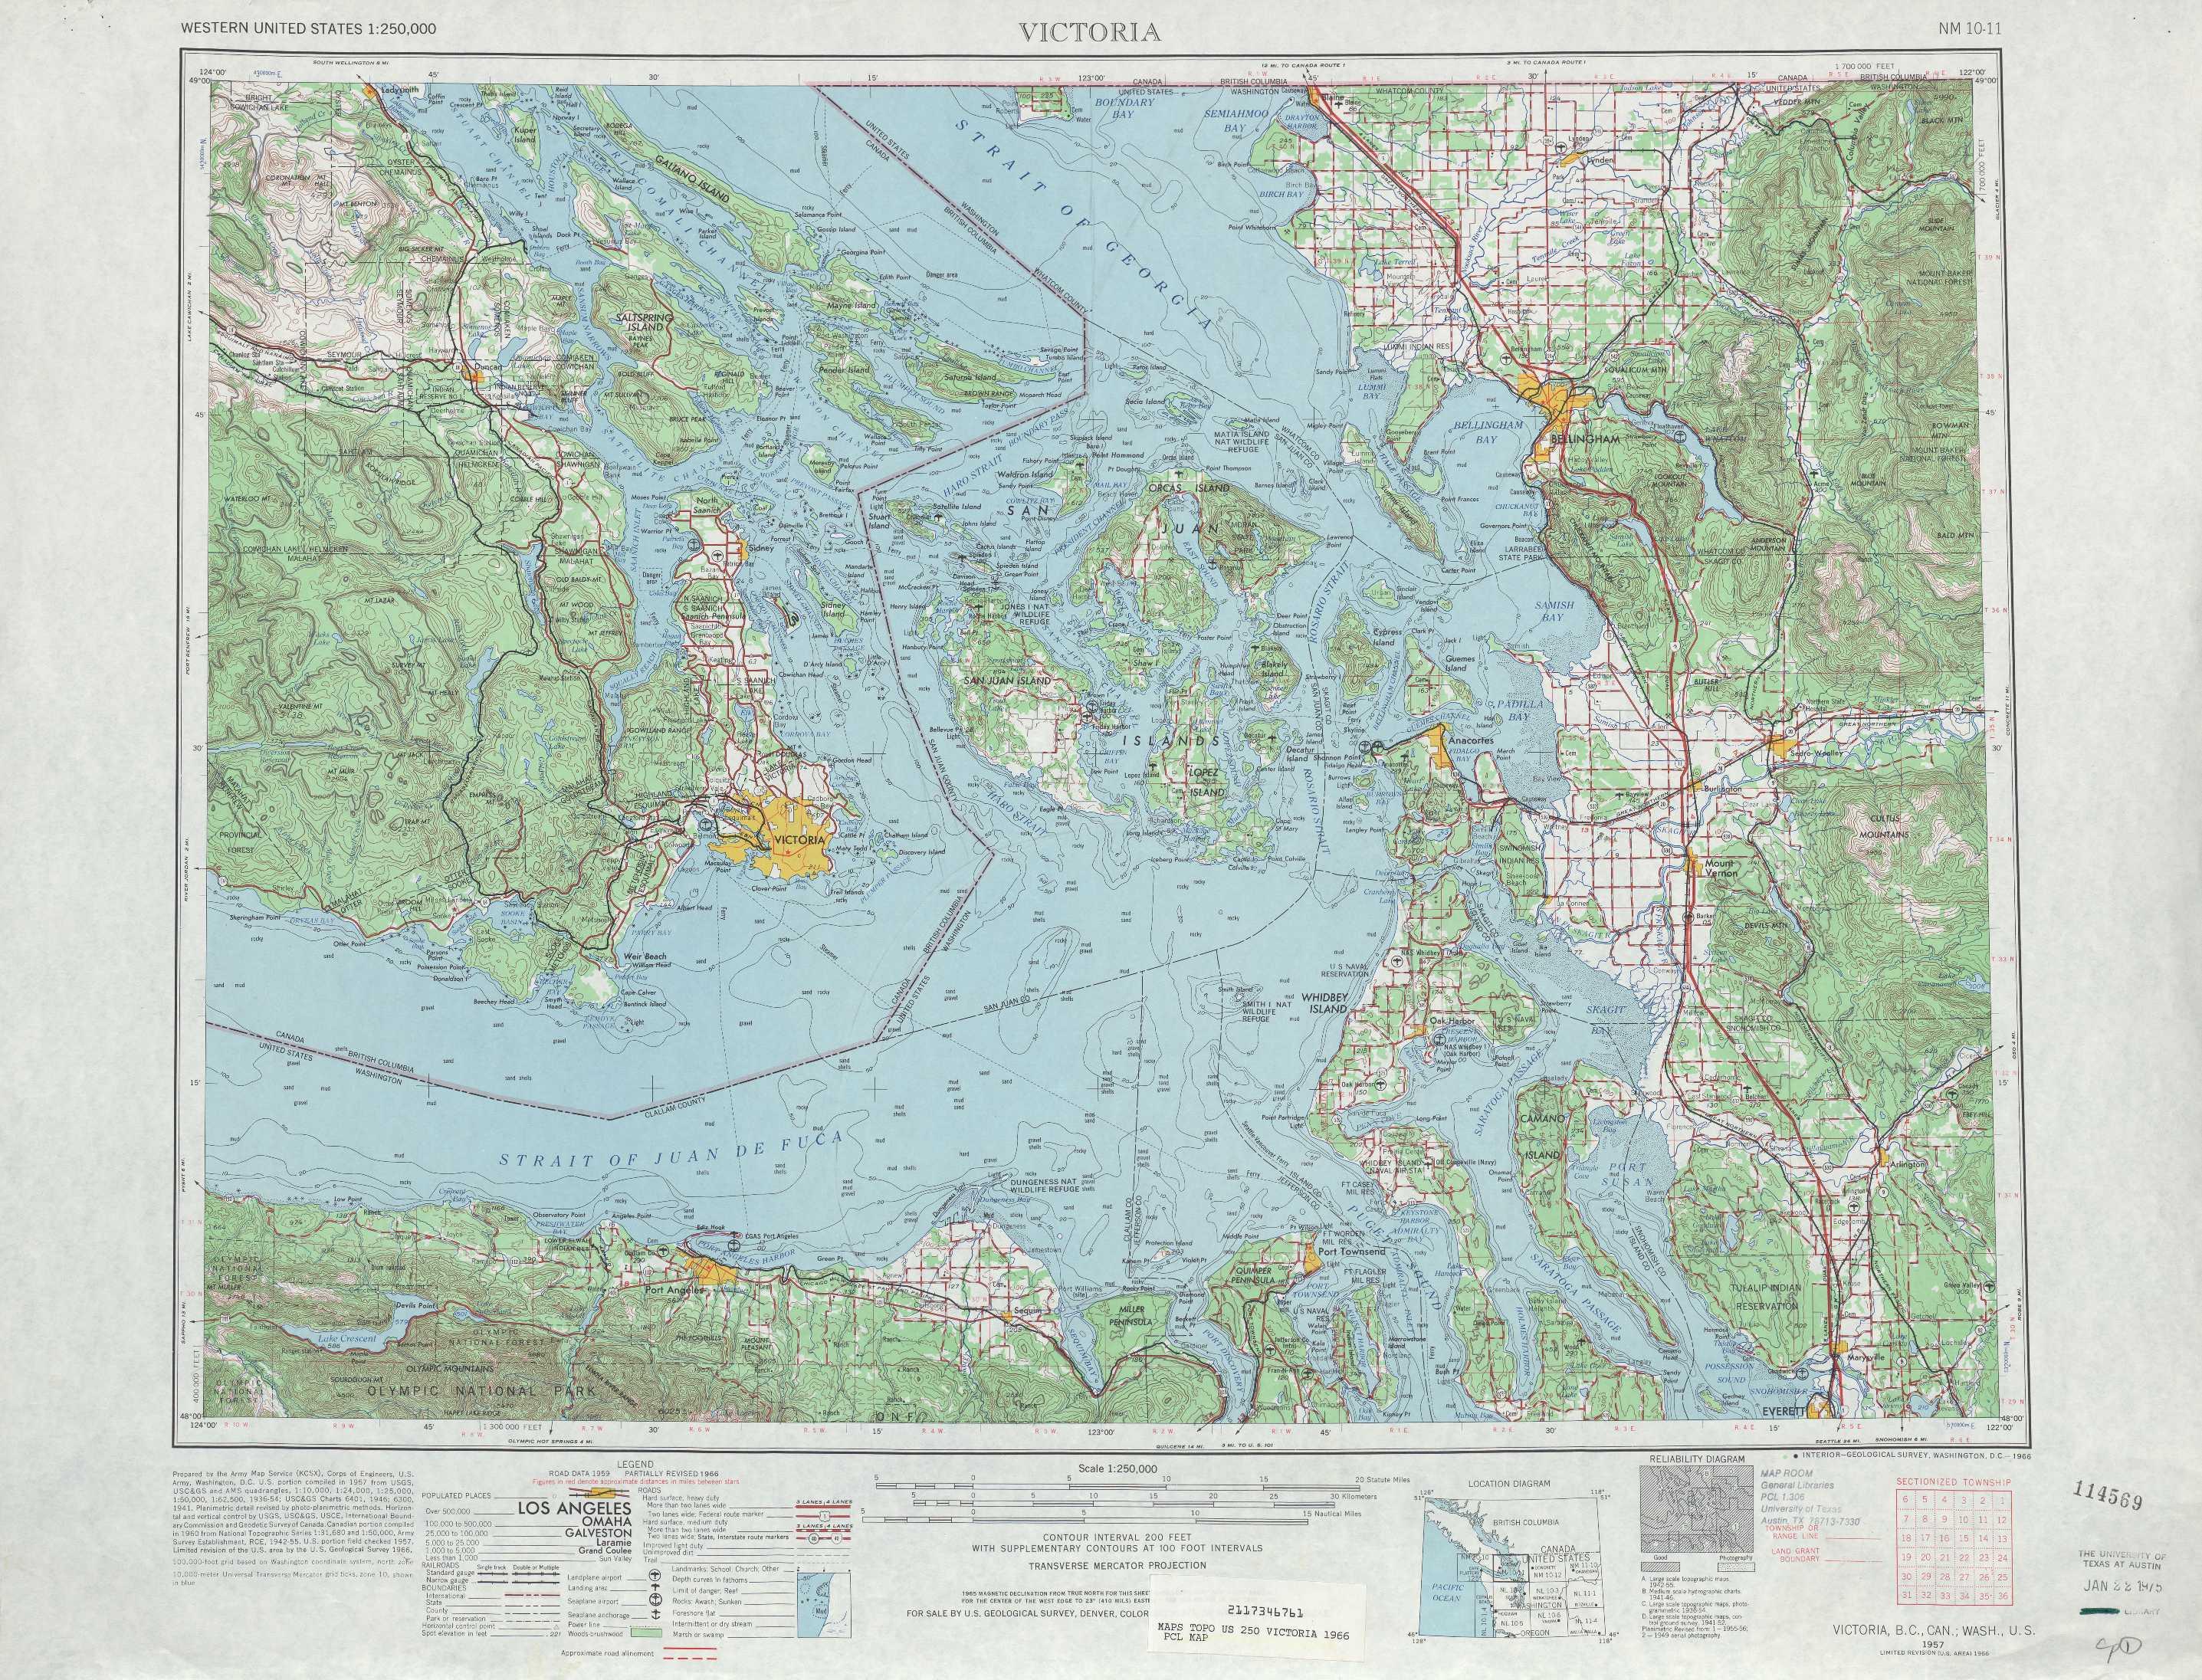 Victoria Topographic Maps WA  USGS Topo Quad 48122a1 At